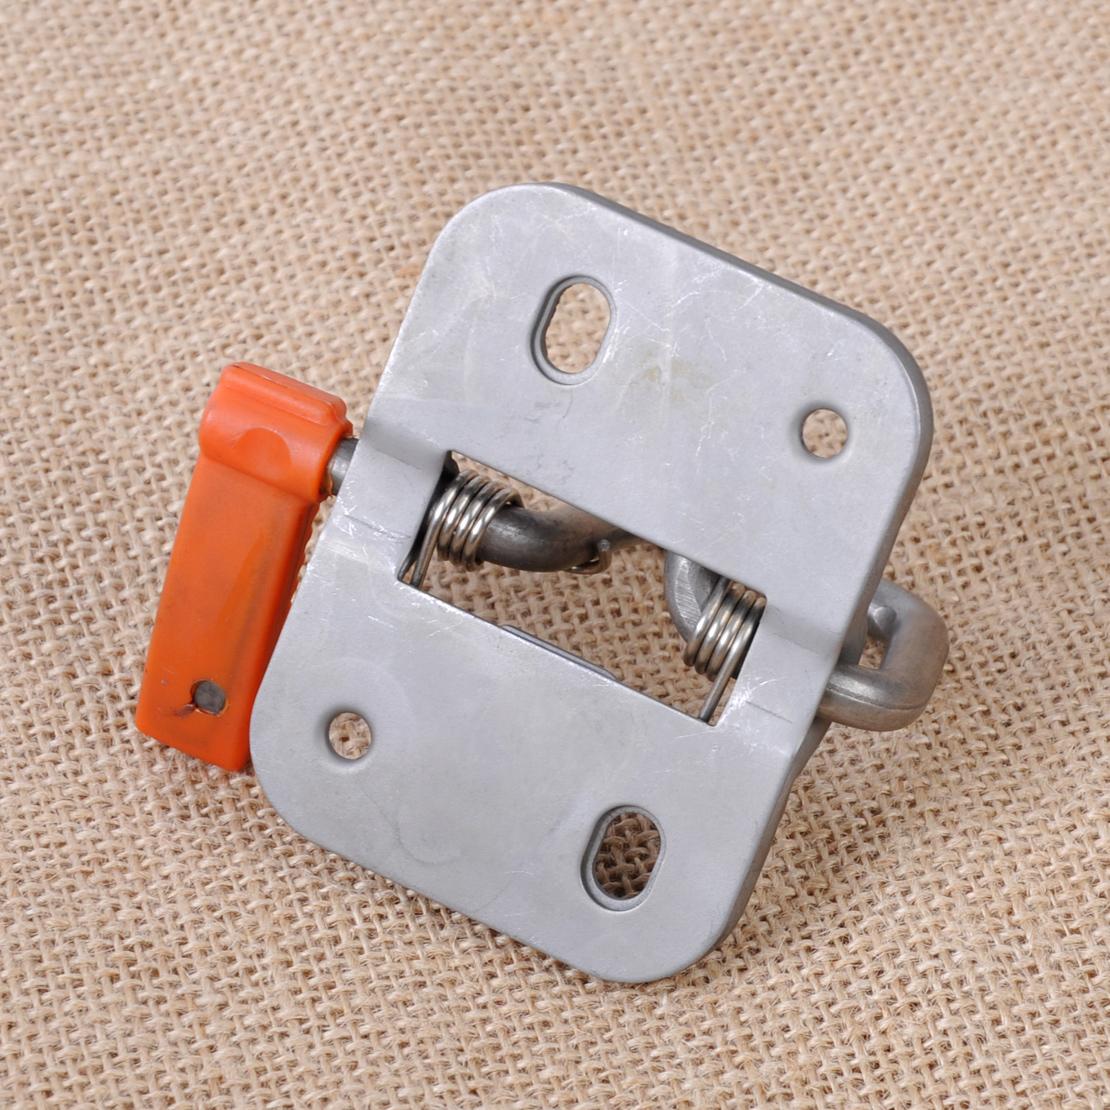 For JETTA 2011-2015 MK6 Engine Bonnet Lid Release Hood Upper Lock Latch Catch